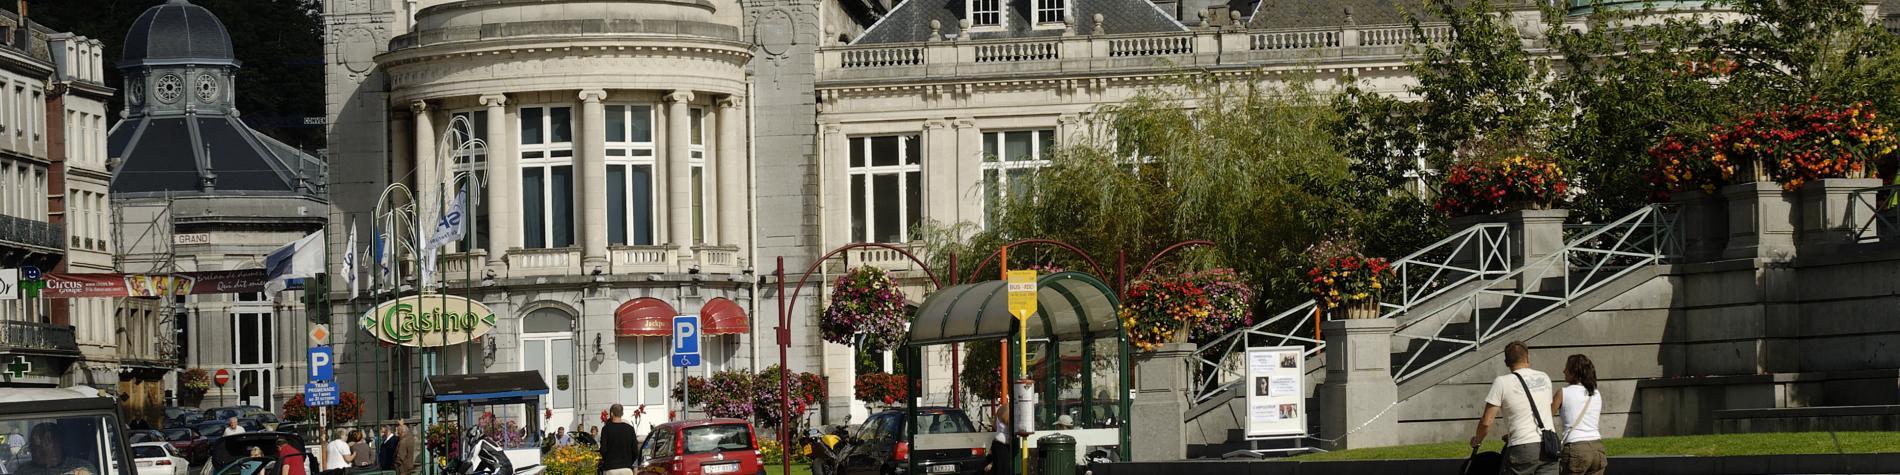 Casino - Spa - rue - façade